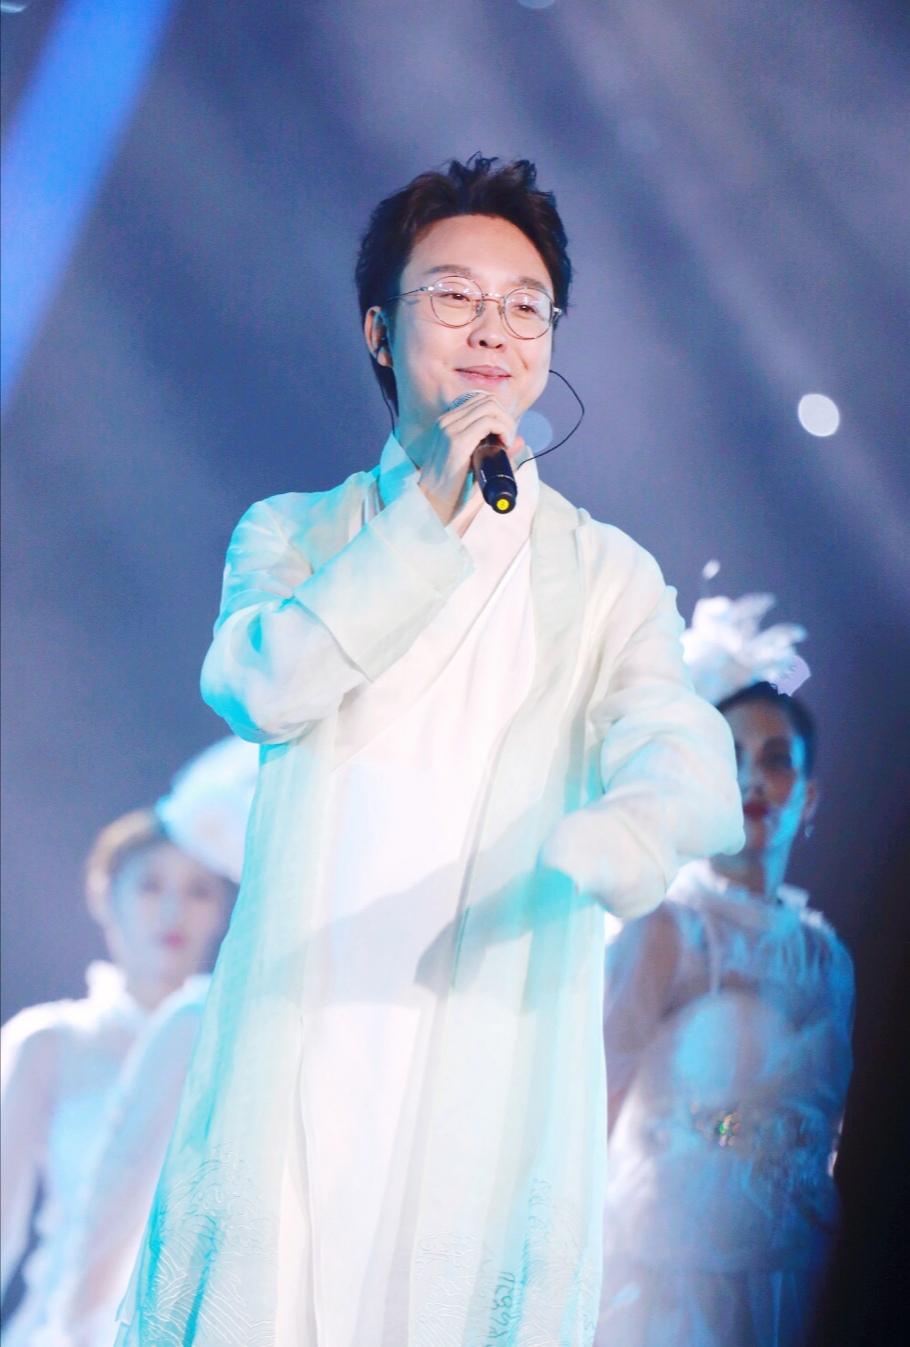 李玉刚生日亮相成龙国际动作电影周 众星齐聚致敬动作电影人